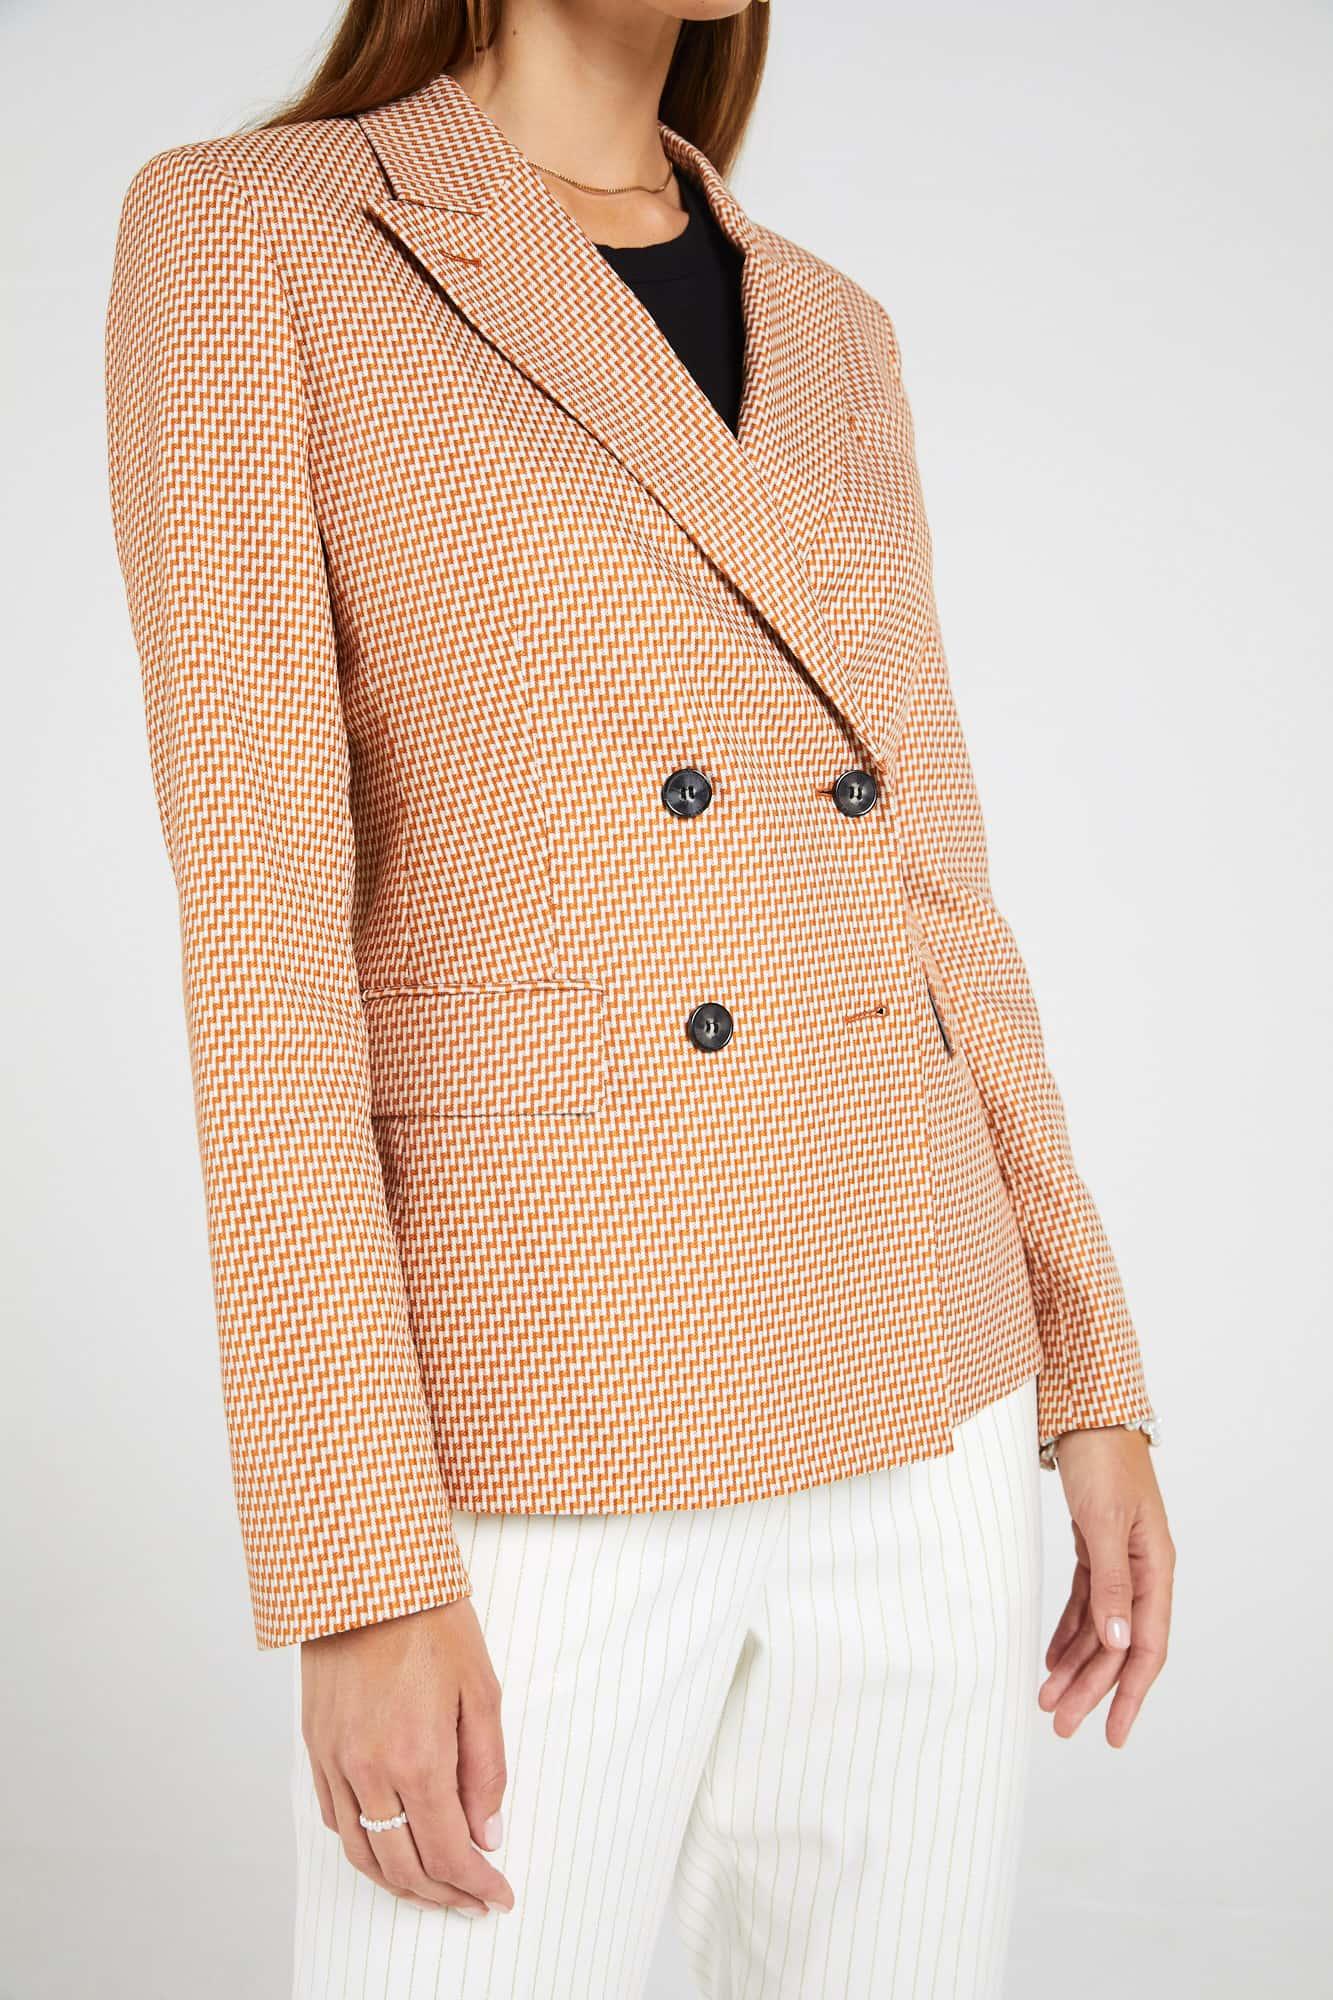 InStitchu Collection The Spence Orange and White Zig-Zag Jacket